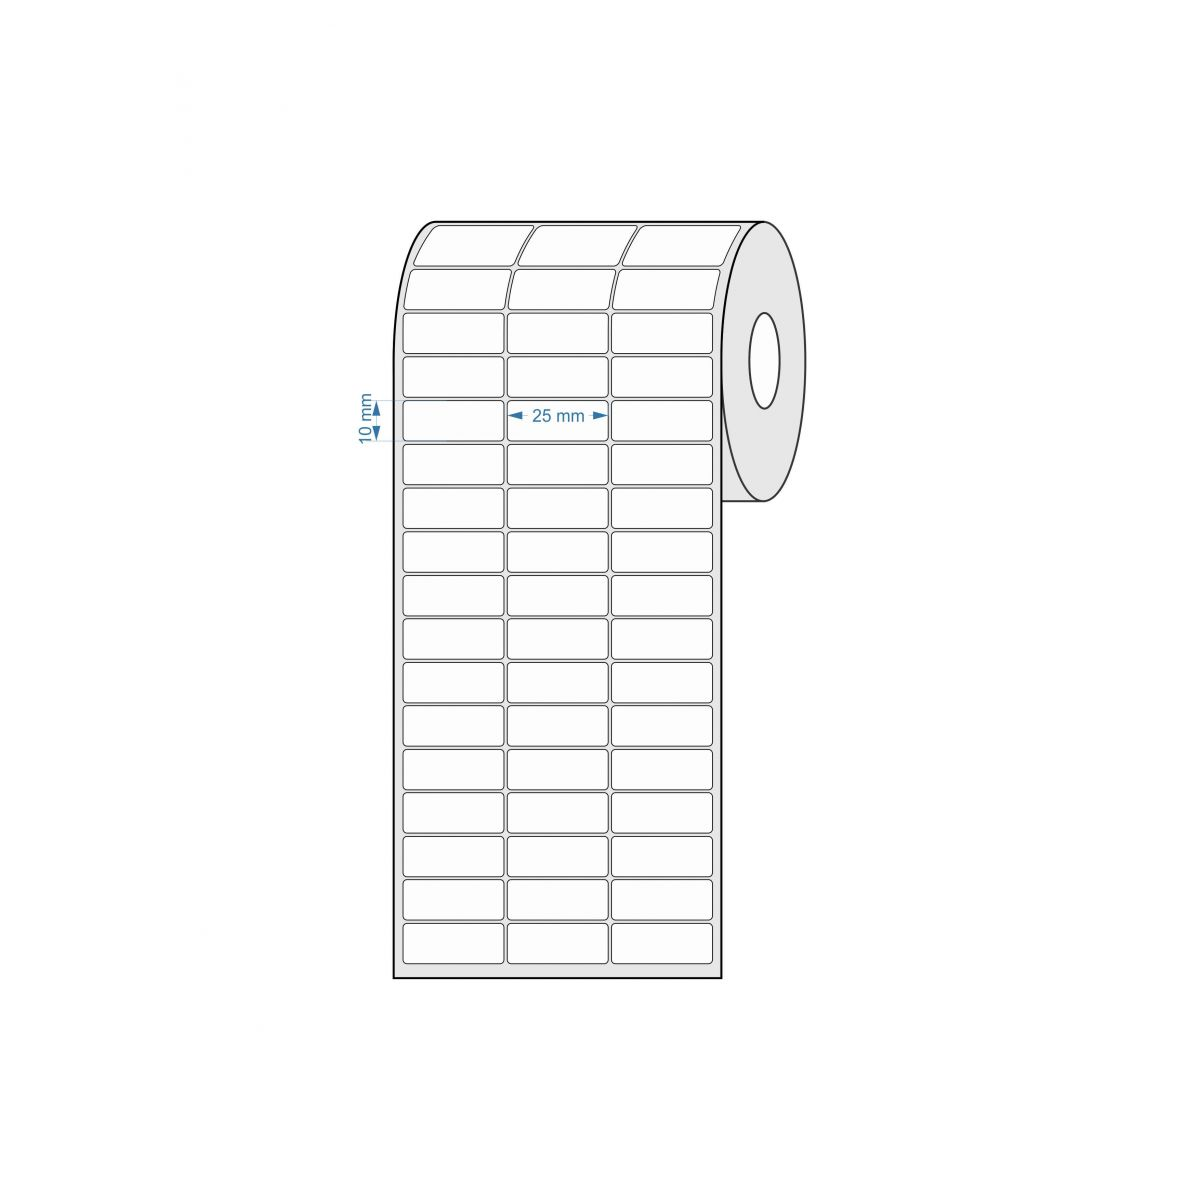 Etiquetas Adesivas 25x10 mm Térmica 3 Colunas com Espaçamento 32 Metros